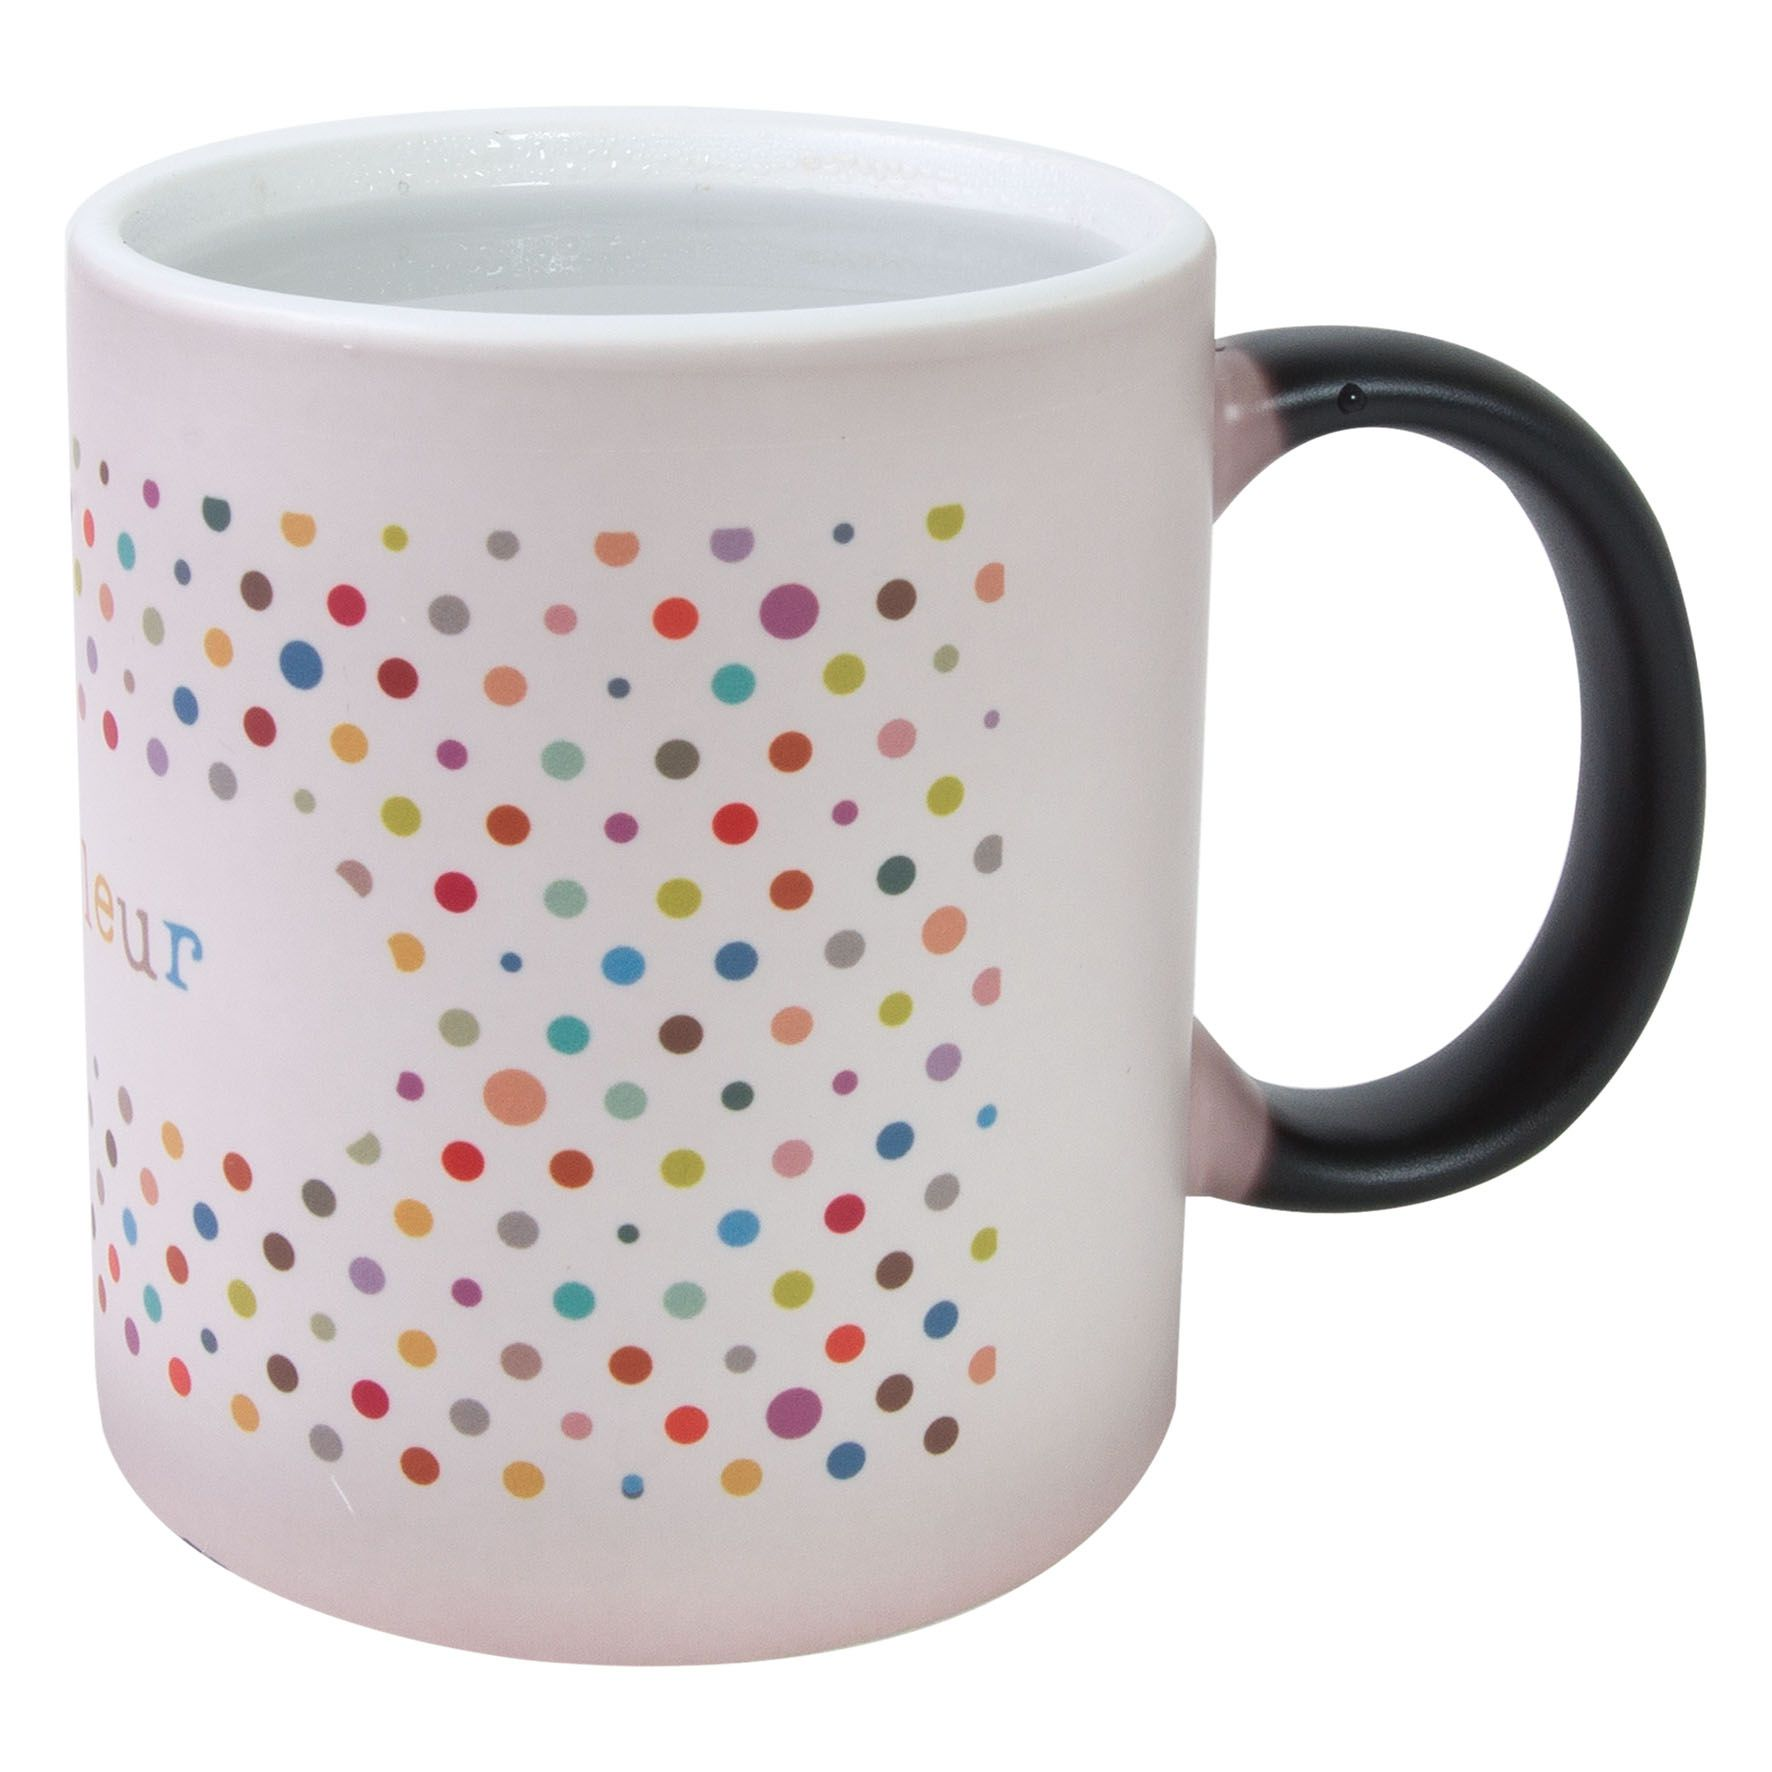 Cadeau publicitaire - Mug personnalisable magique 31cl